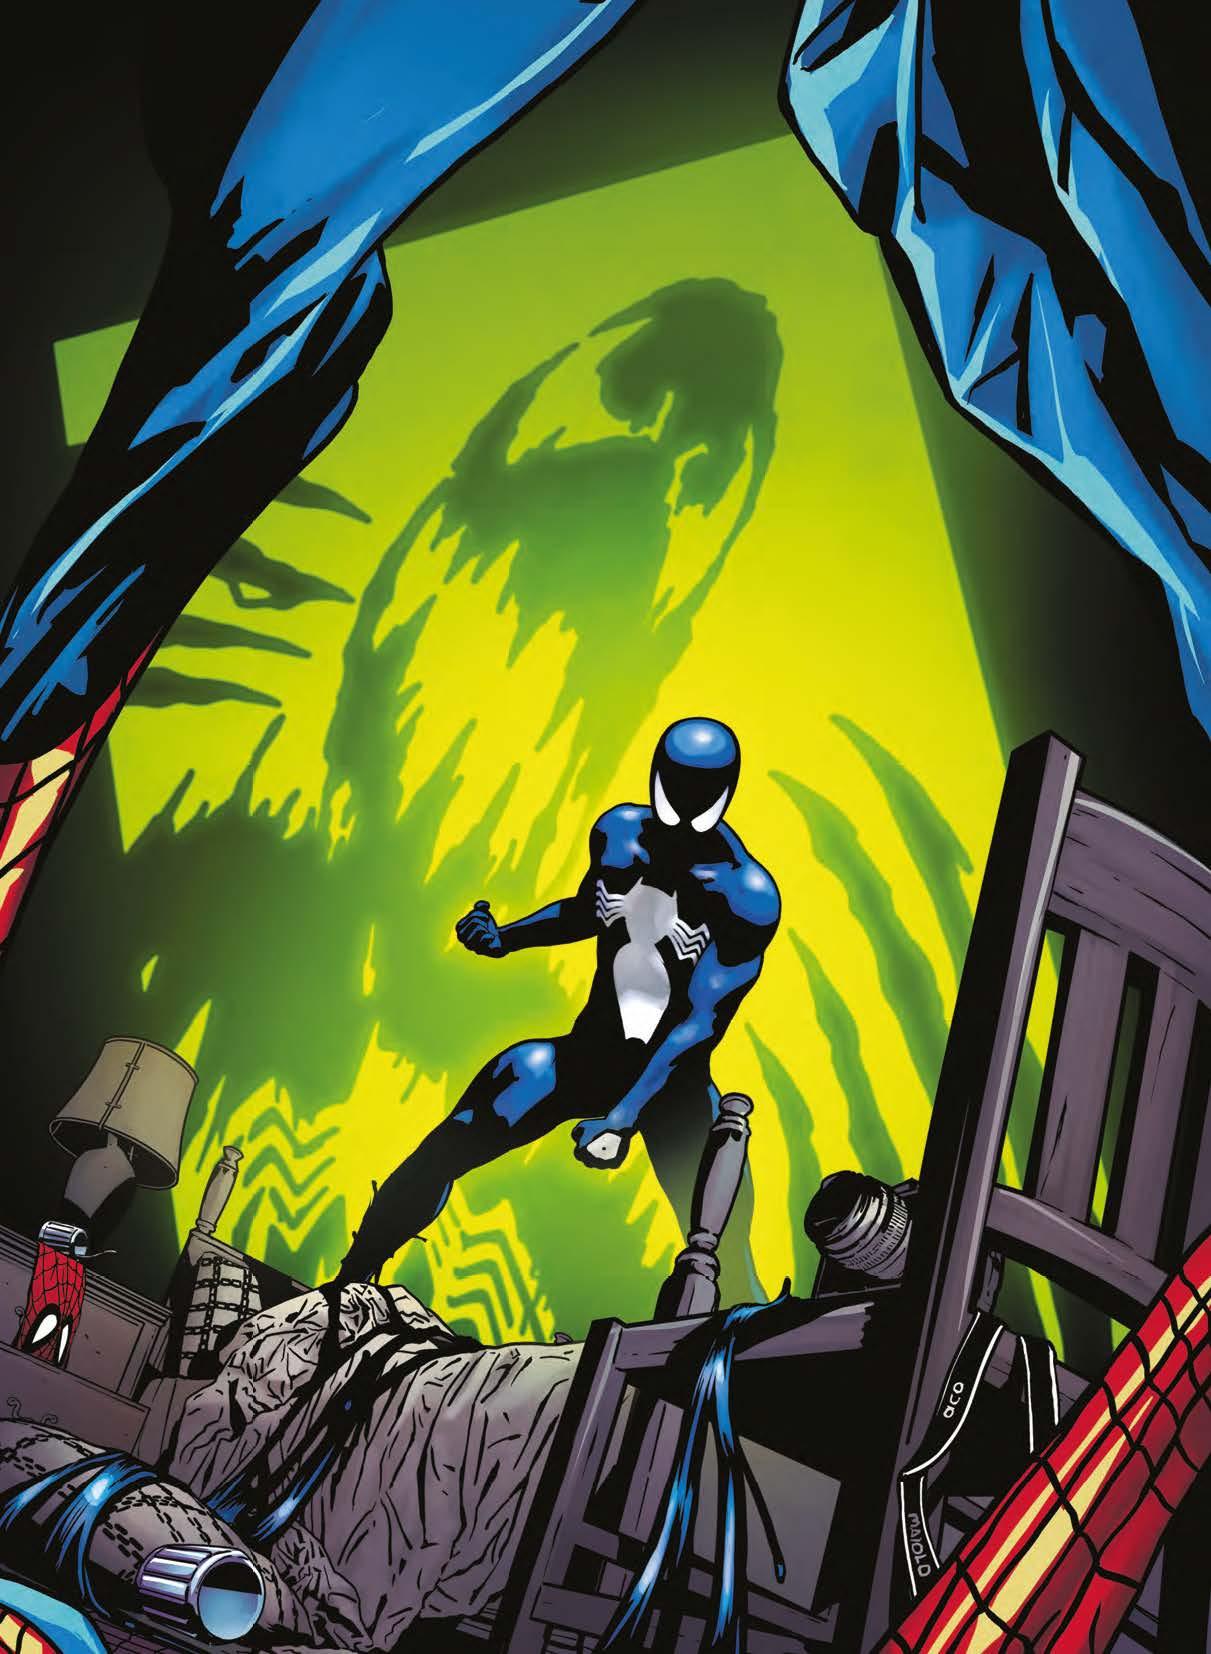 Marvel DOSSIER COLLEZIONE EDIZIONE SPECIALE FIGURINA Ultron collezionista Vernice a Mano